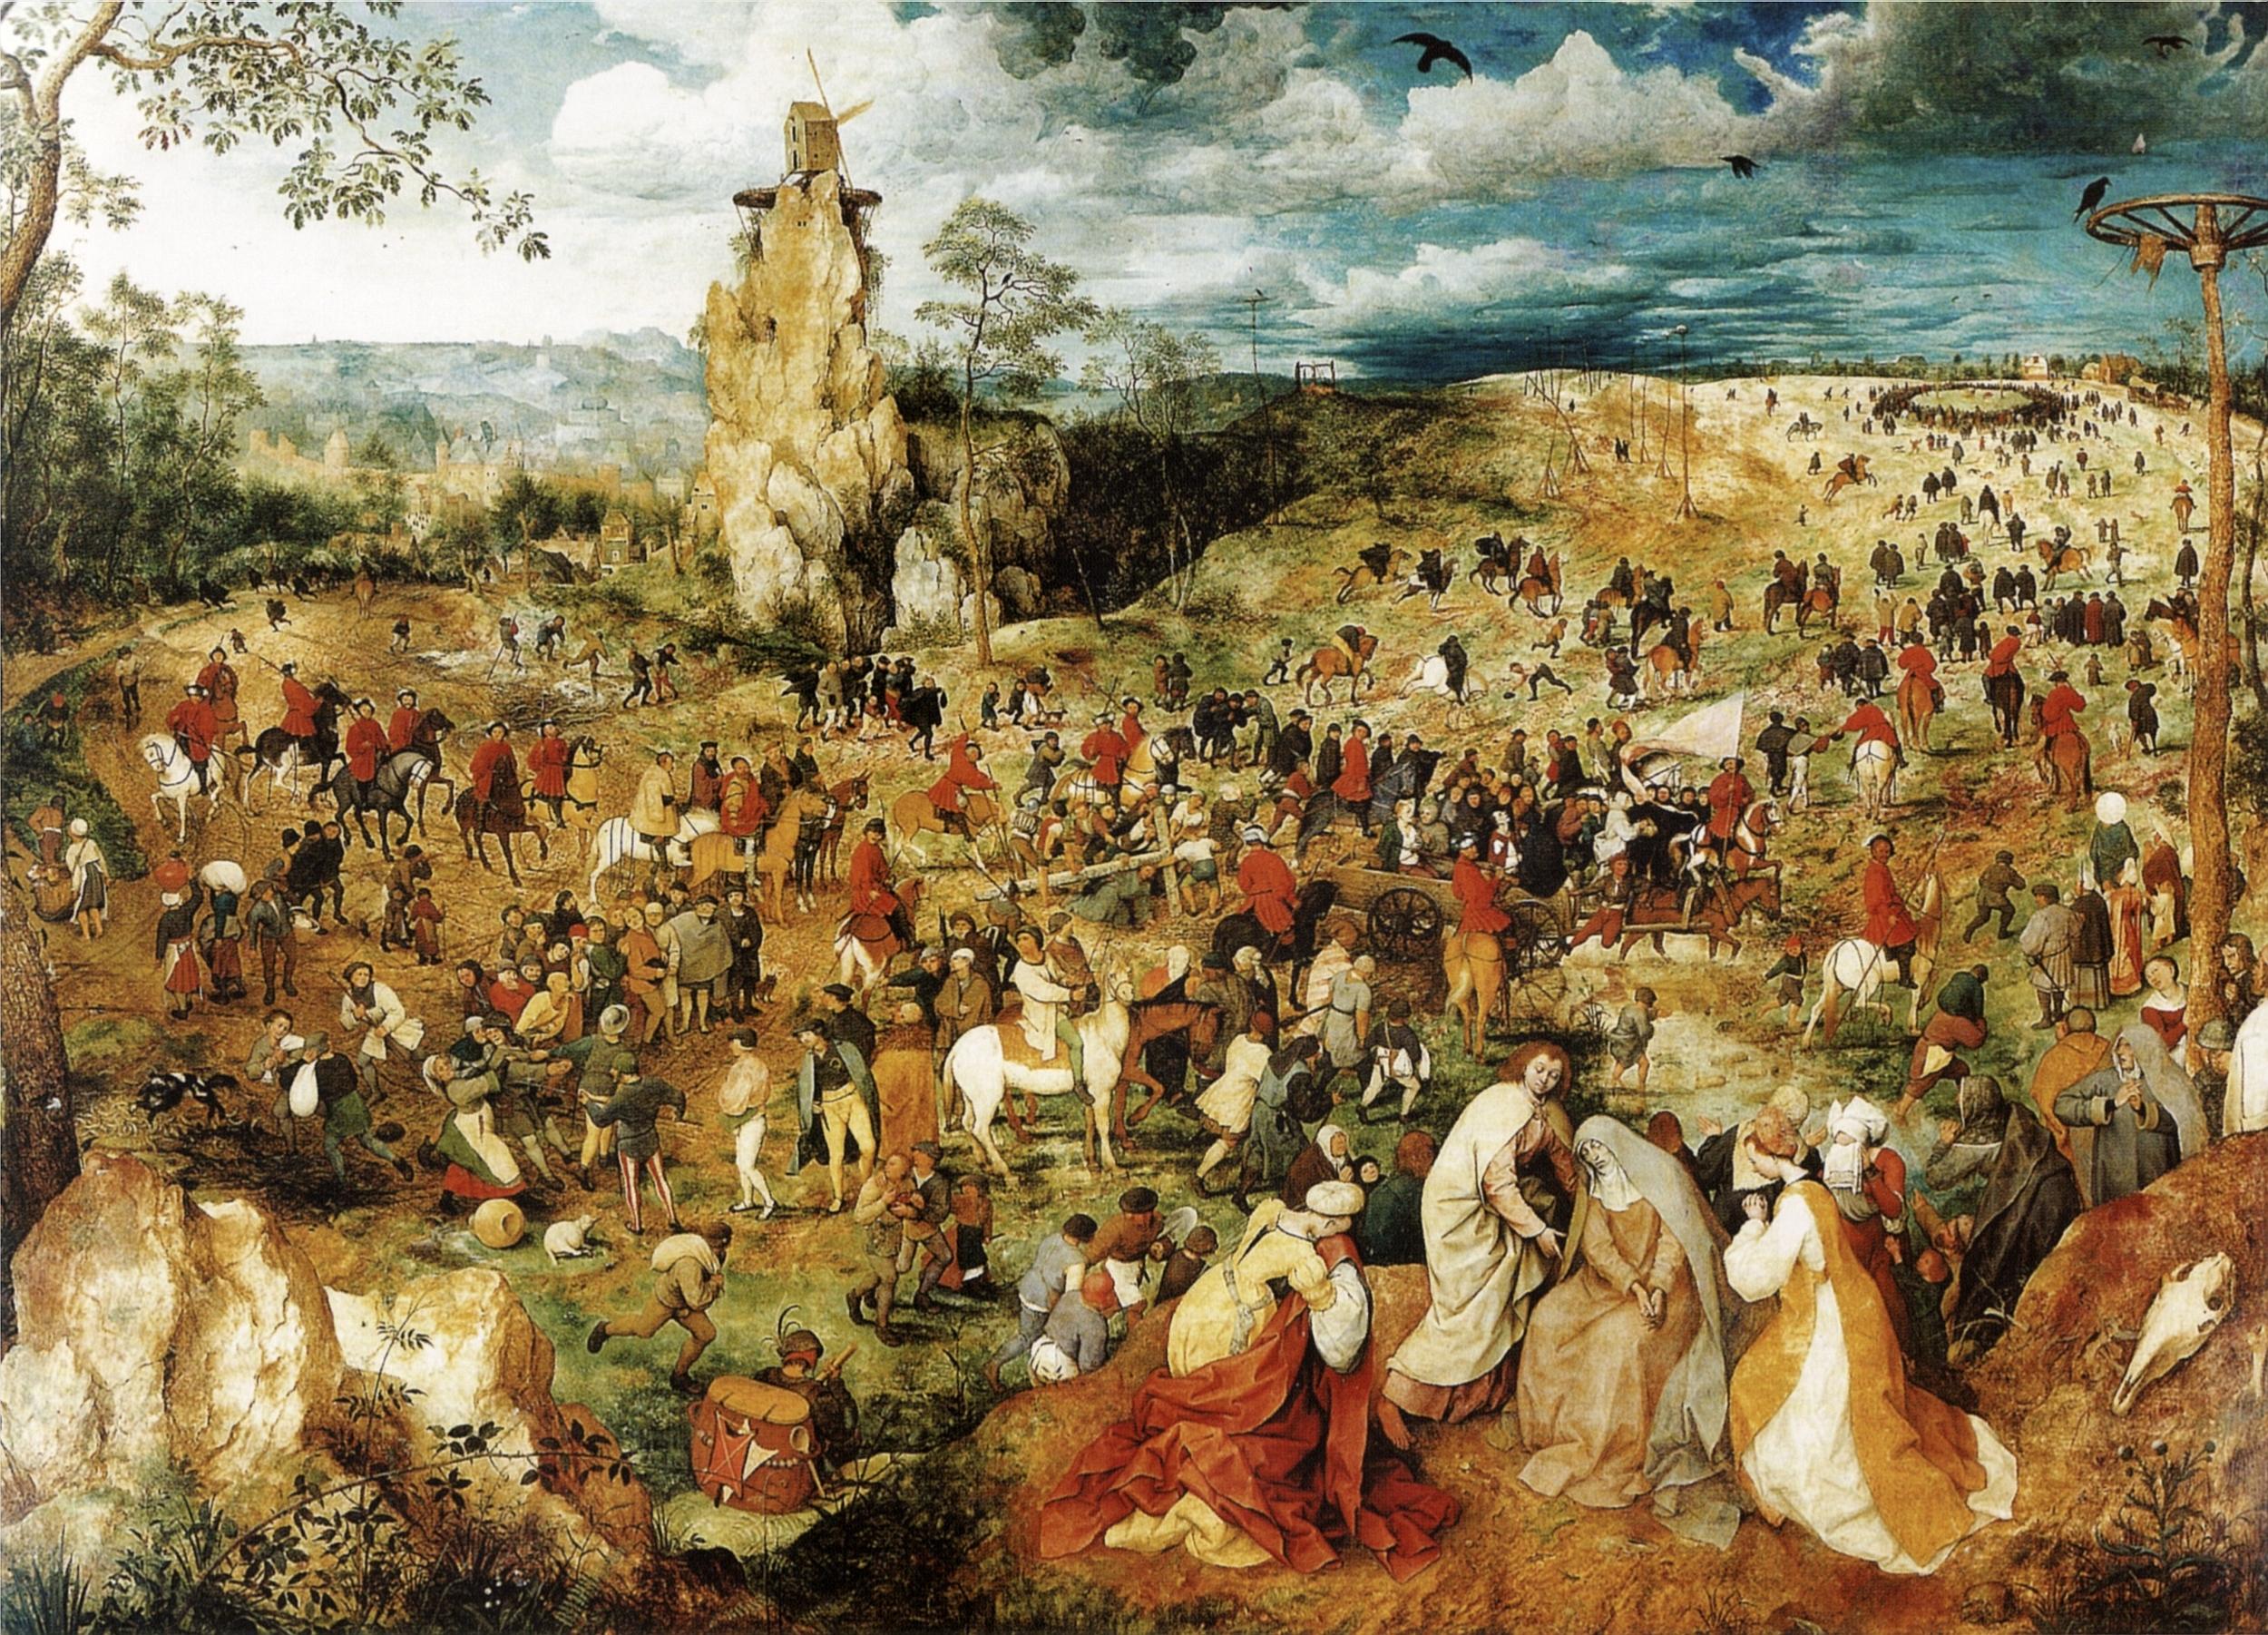 Yay! Bruegel the Elder!